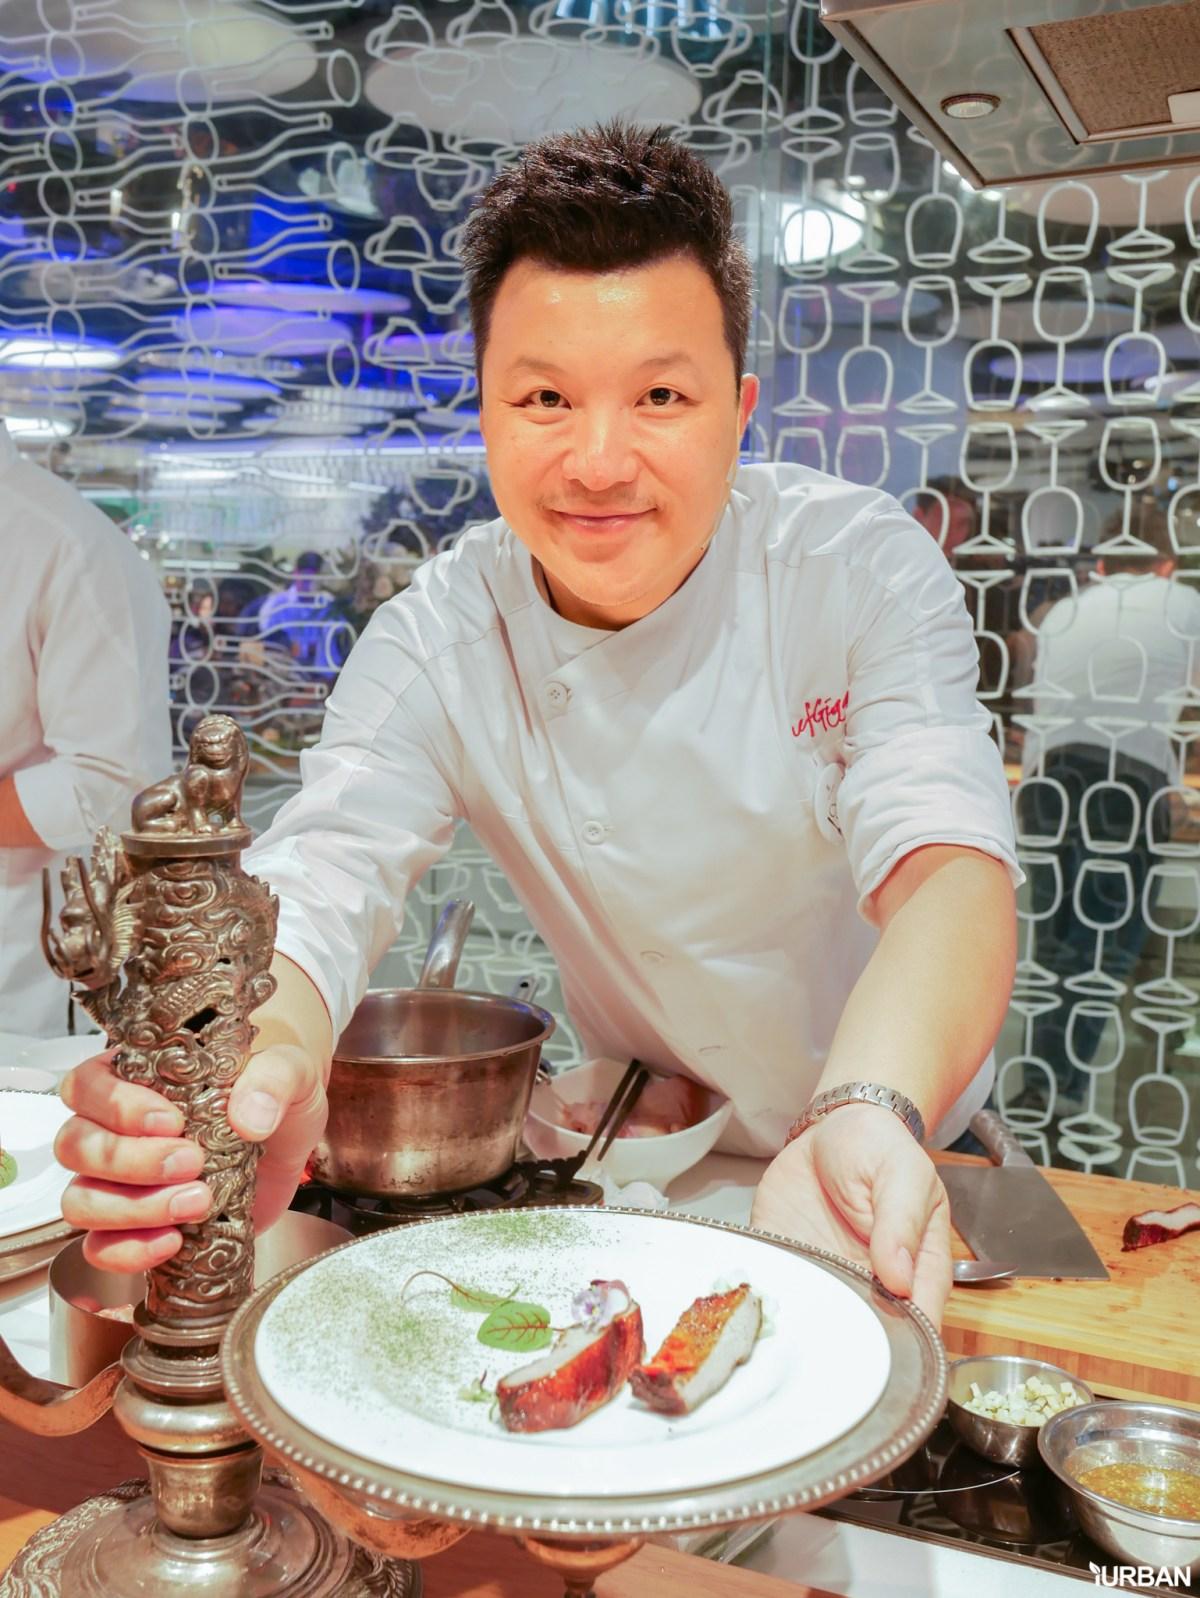 """สร้างช่วงเวลาสุดพิเศษไปกับ """"Sansiri Chef Your Table"""" ที่ให้คุณได้ลิ้มรสอาหารฝีมือเชฟระดับประเทศถึงบ้านคุณ! 32 - Chef"""